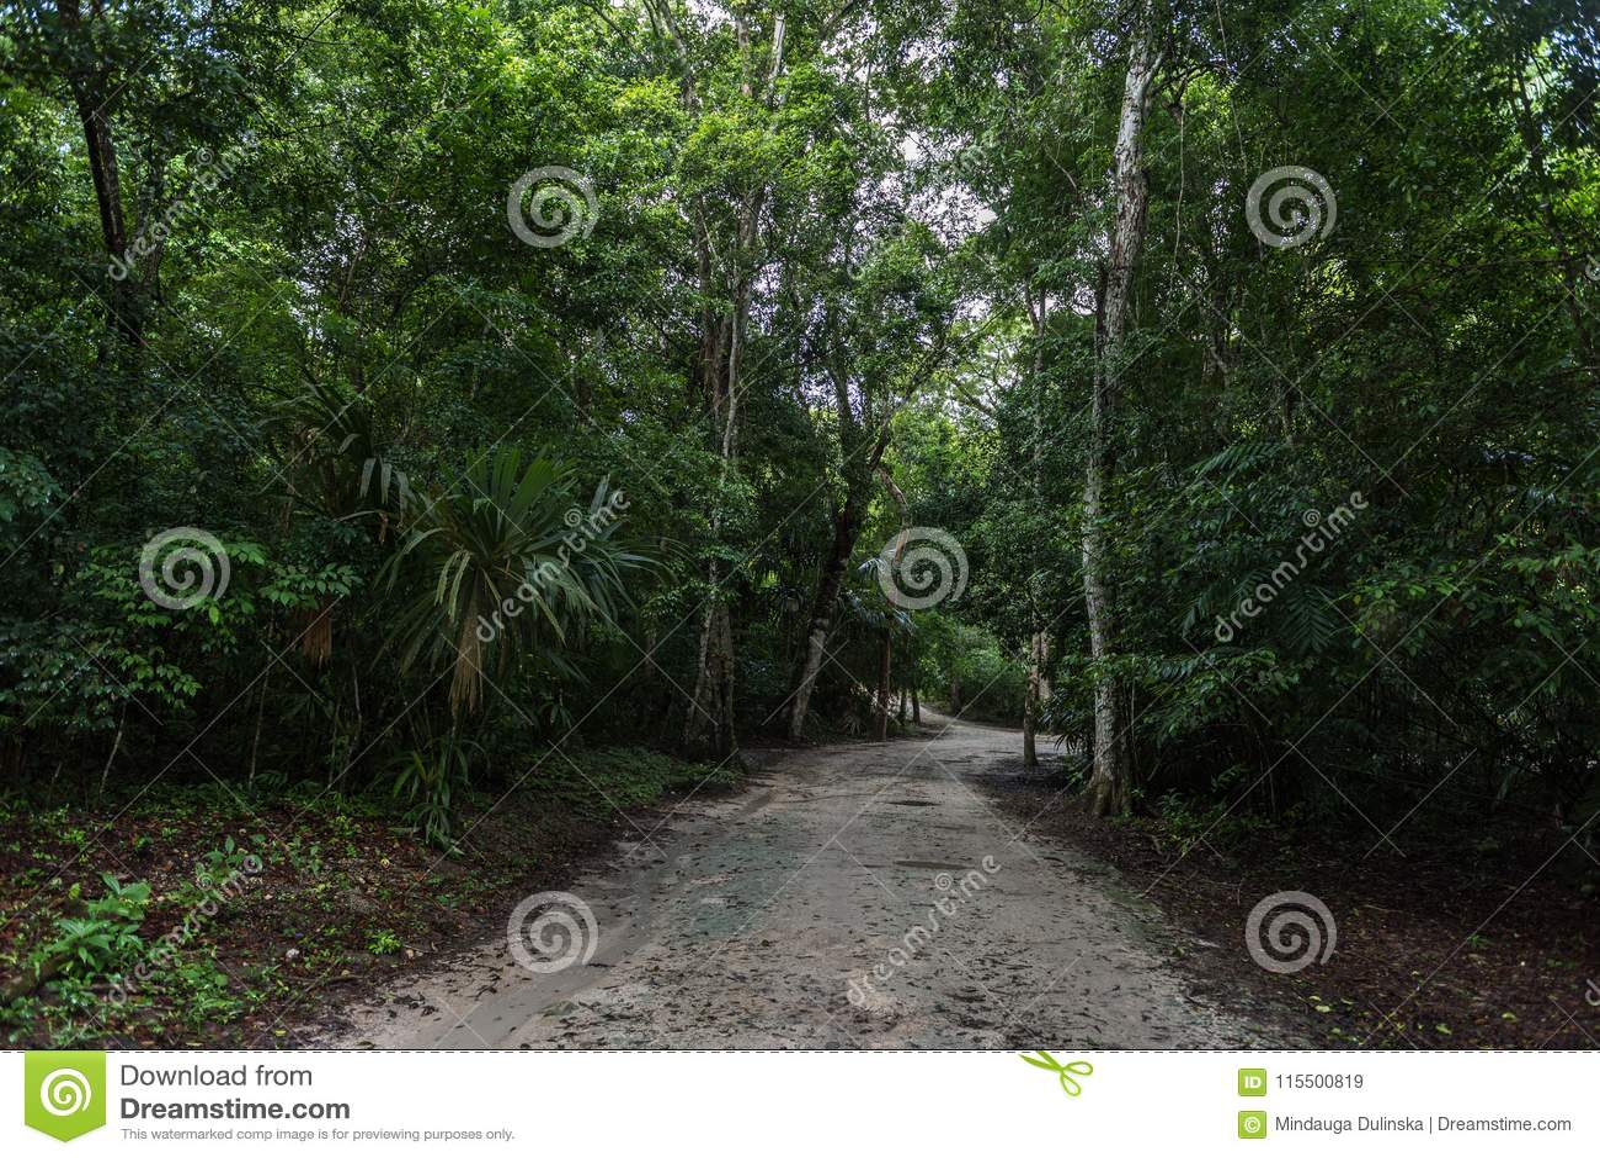 Πορεία ζουγκλών στο πάρκο Tikal Αντικείμενο επίσκεψης στη Γουατεμάλα με τους των Μάγια ναούς και τις εθιμοτυπικές καταστροφές